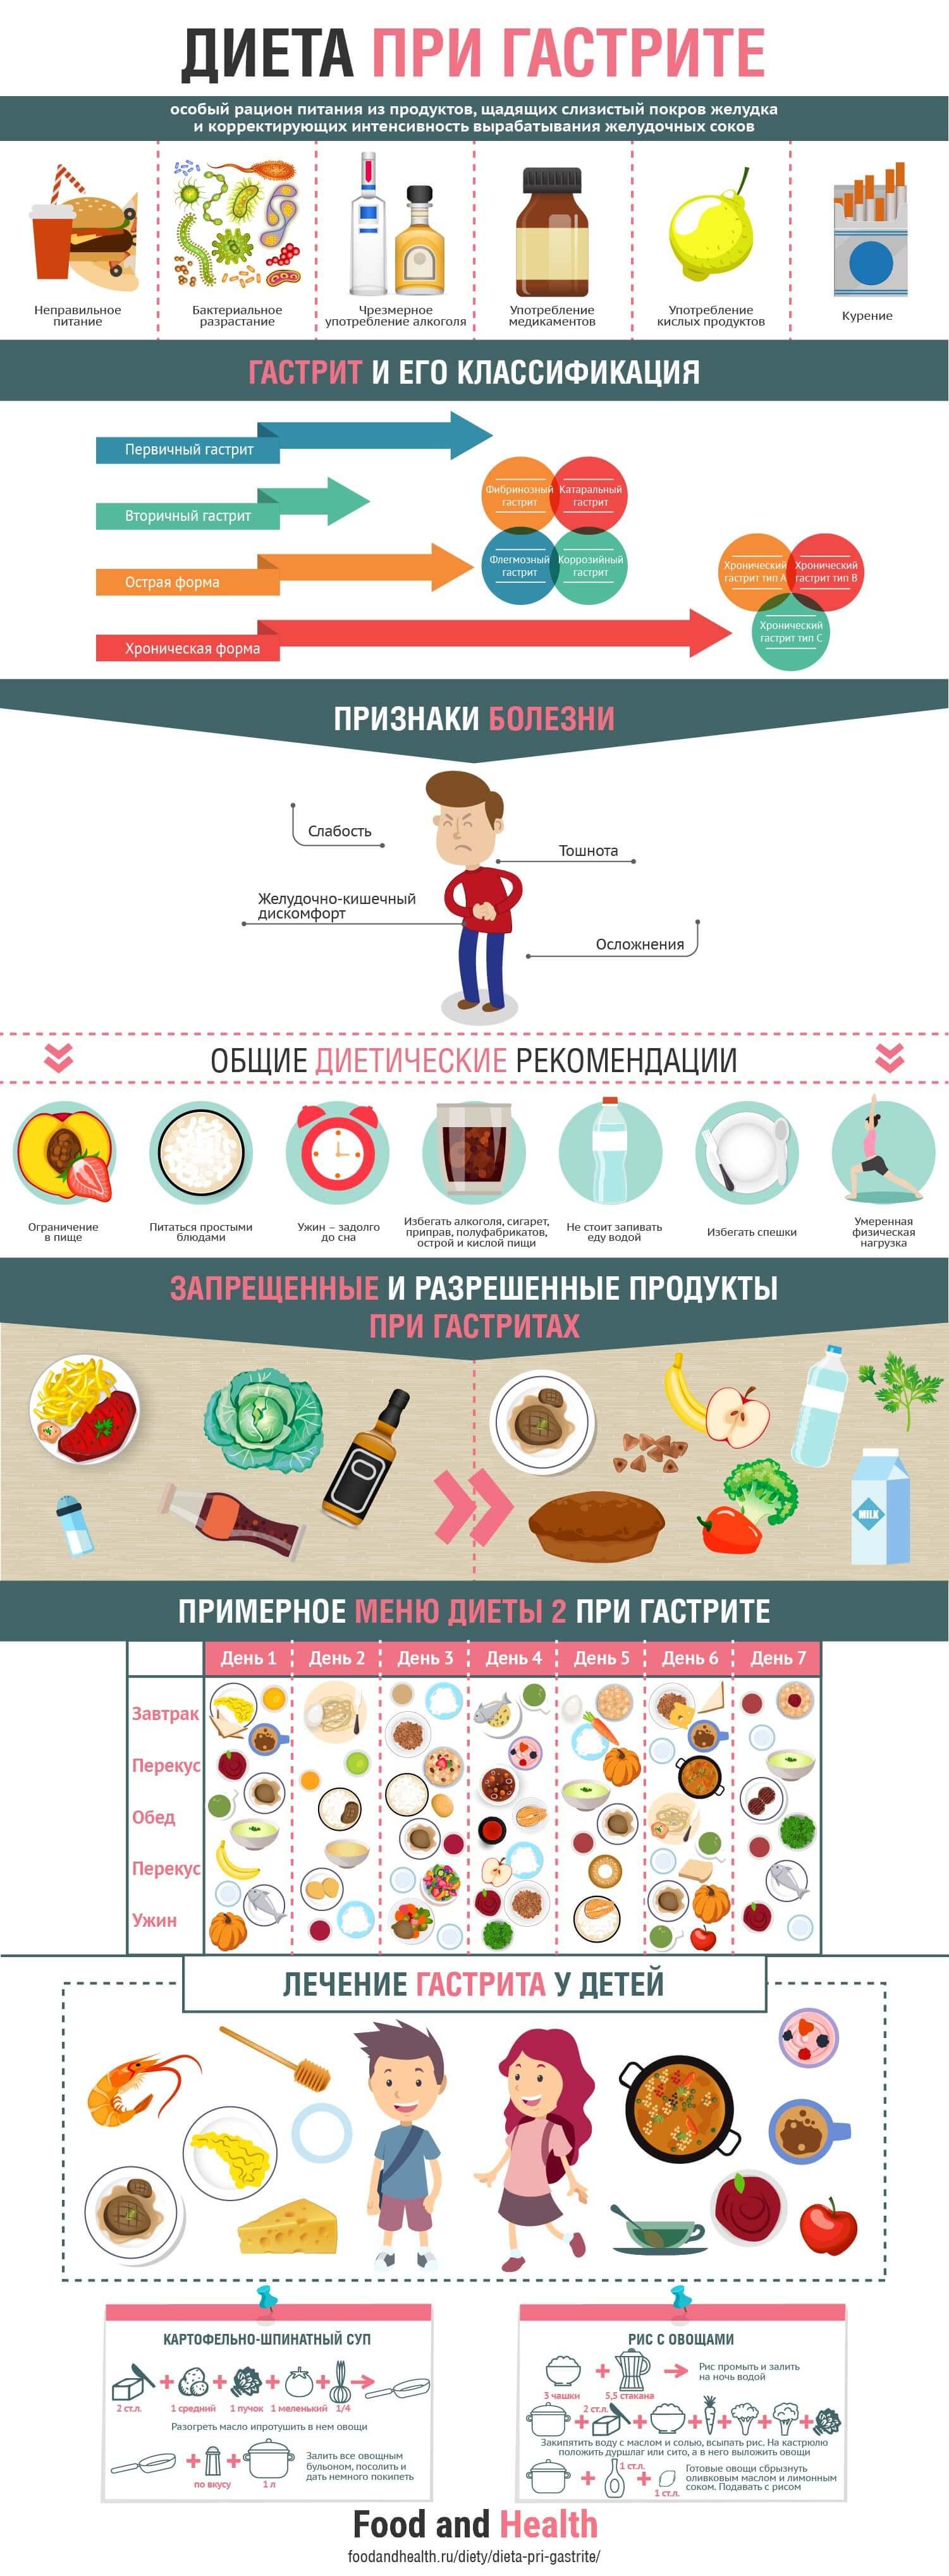 Гастрит диета при хронической изжоге